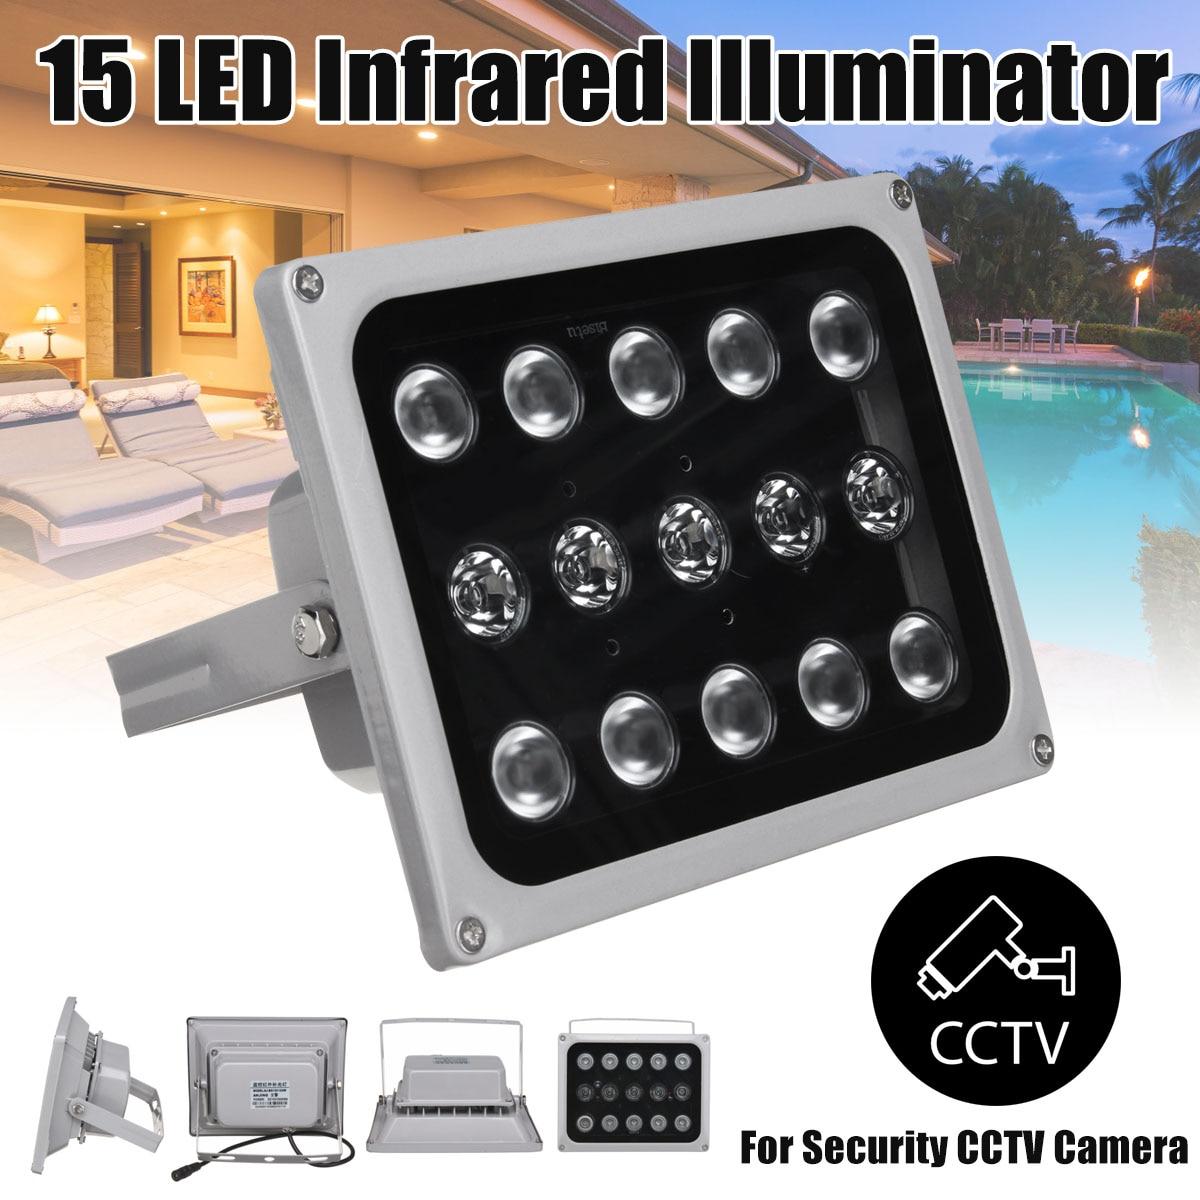 Étanche 12V 15 LED IR pour illuminateurs IR lumière infrarouge LED caméra de vidéosurveillance vision nocturne IR lumière de remplissage pour caméra de sécurité CCTV